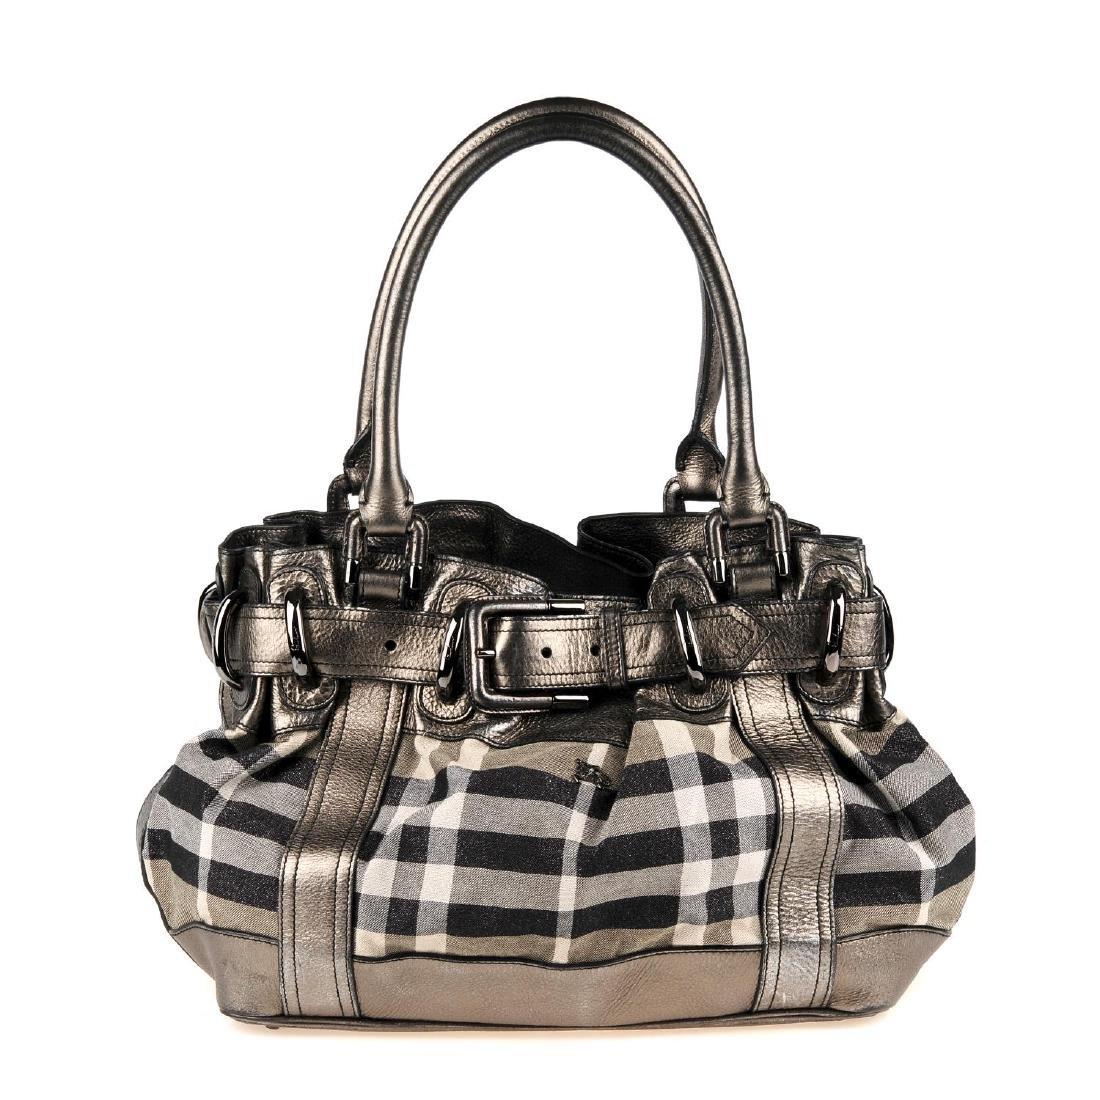 BURBERRY - a grey Shimmer Check Beaton handbag.